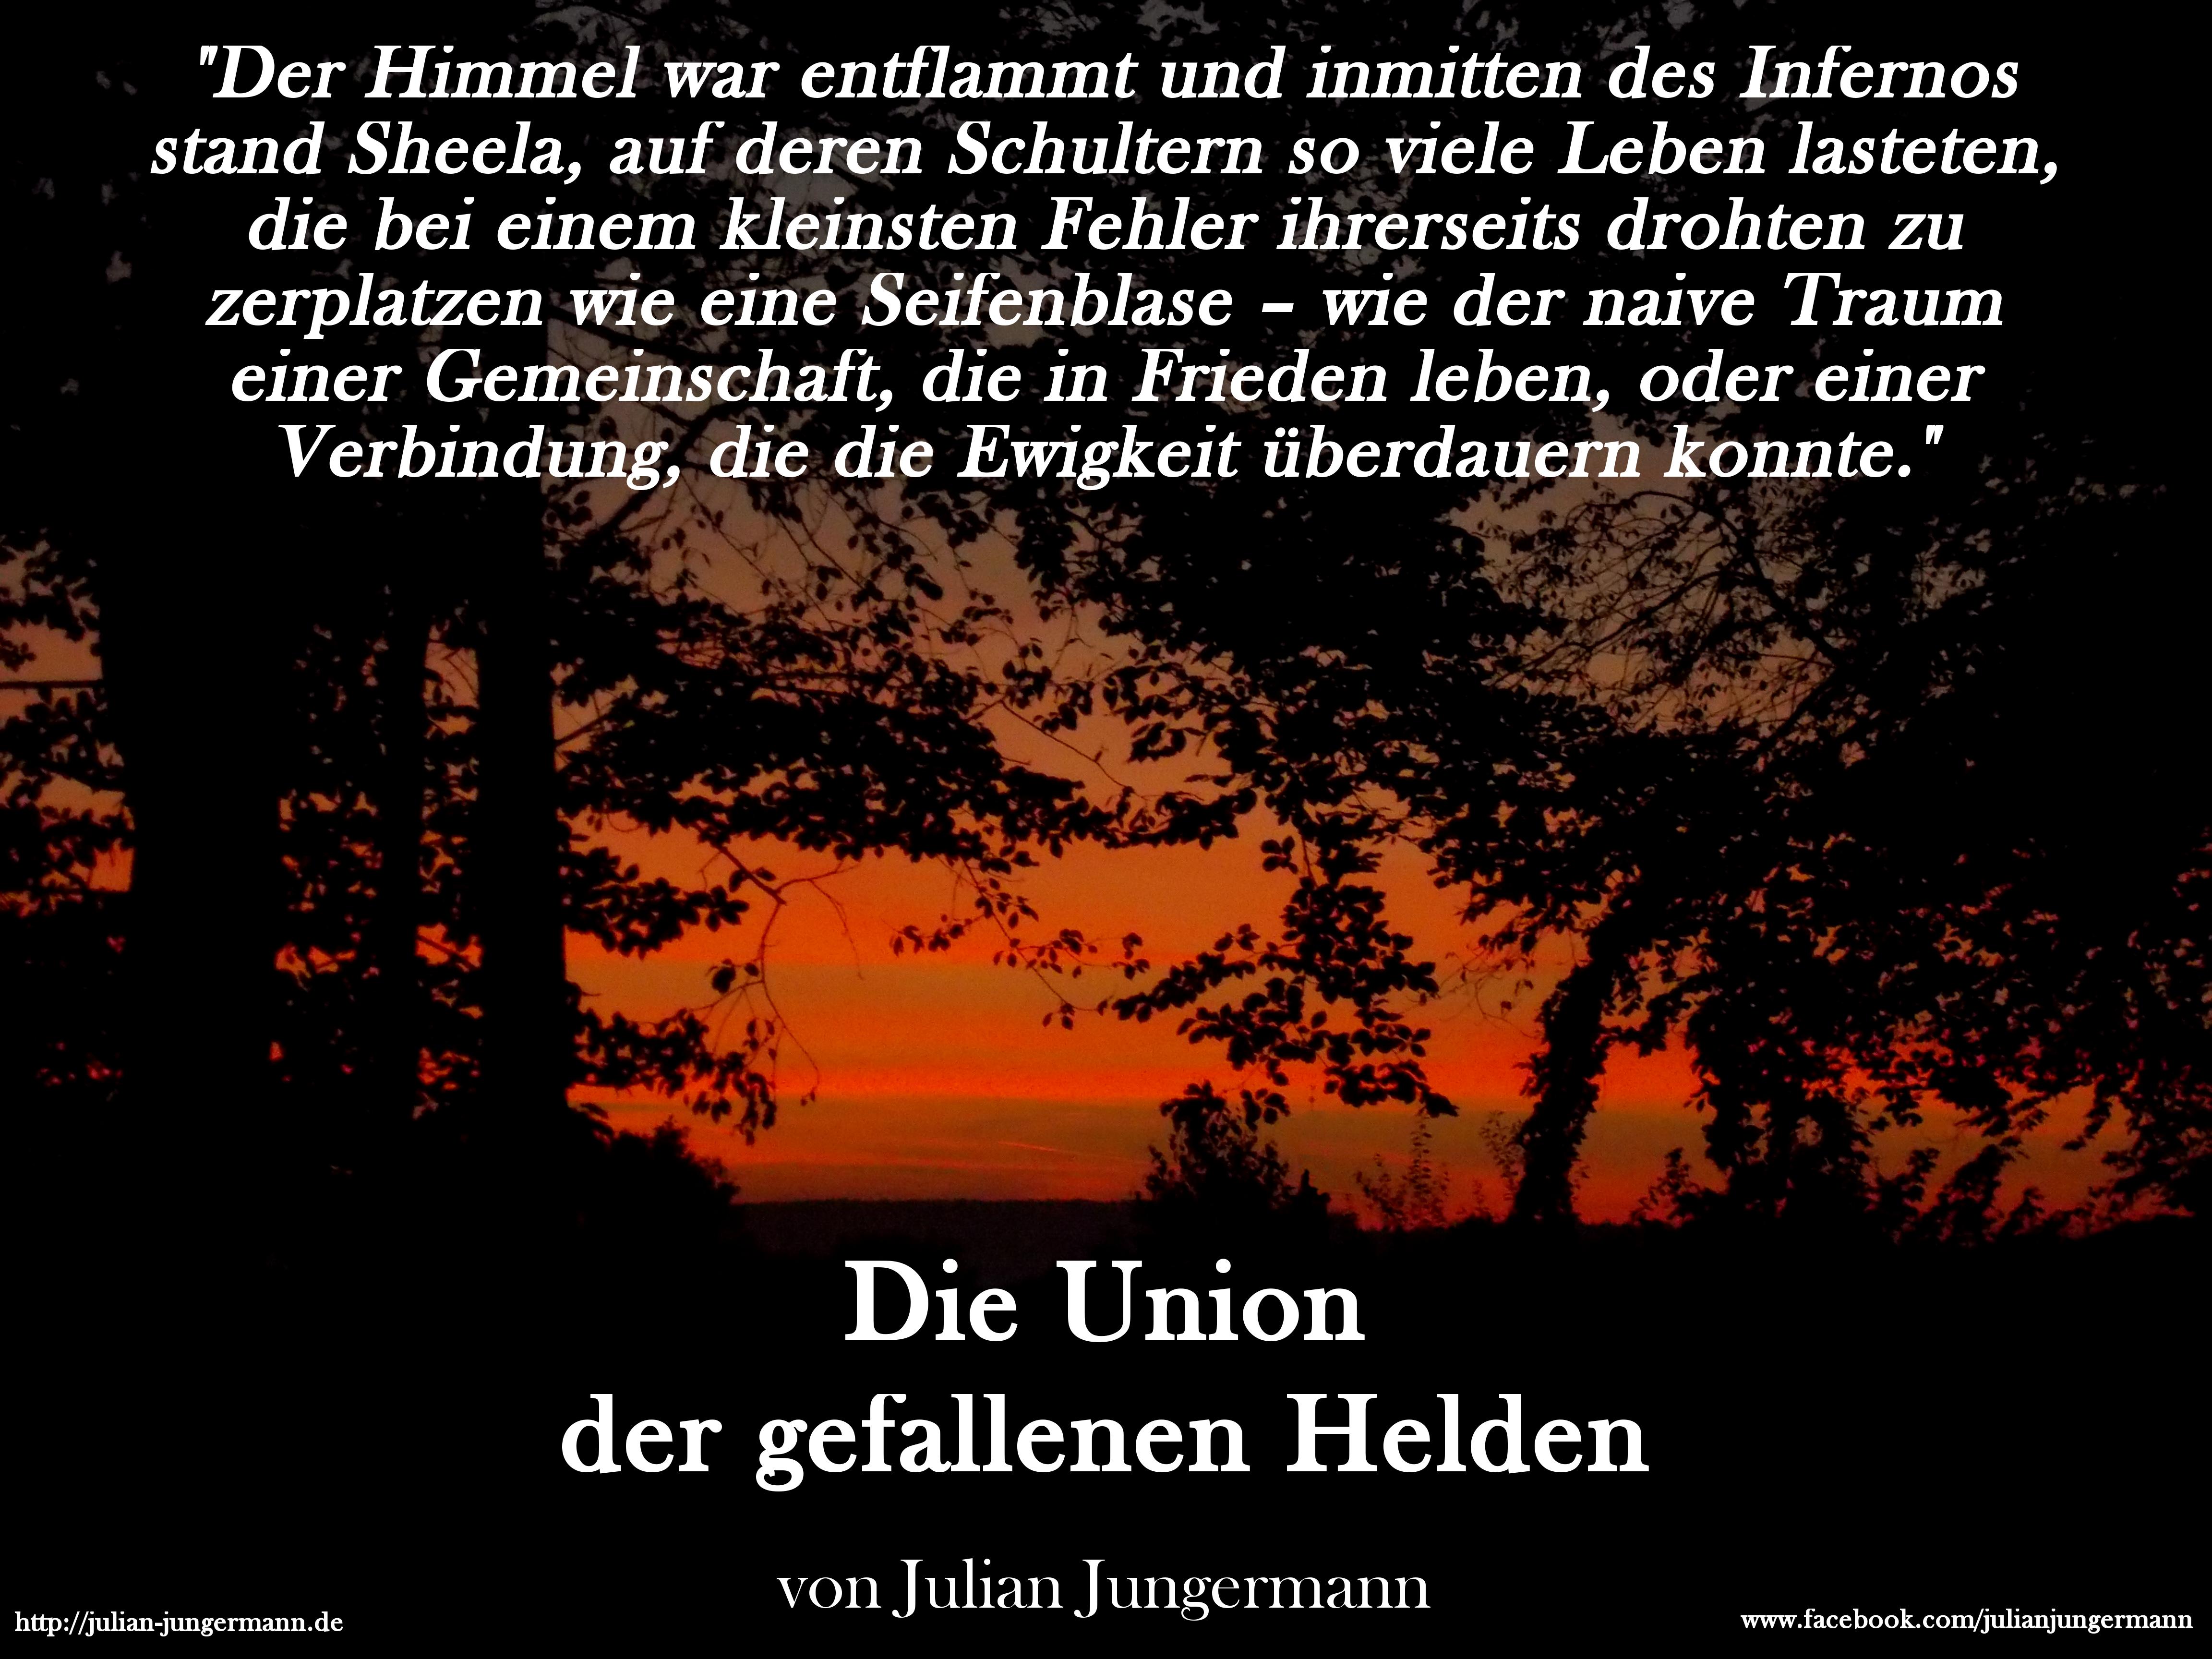 Bildzitat_Die Union der gefallenen Helden